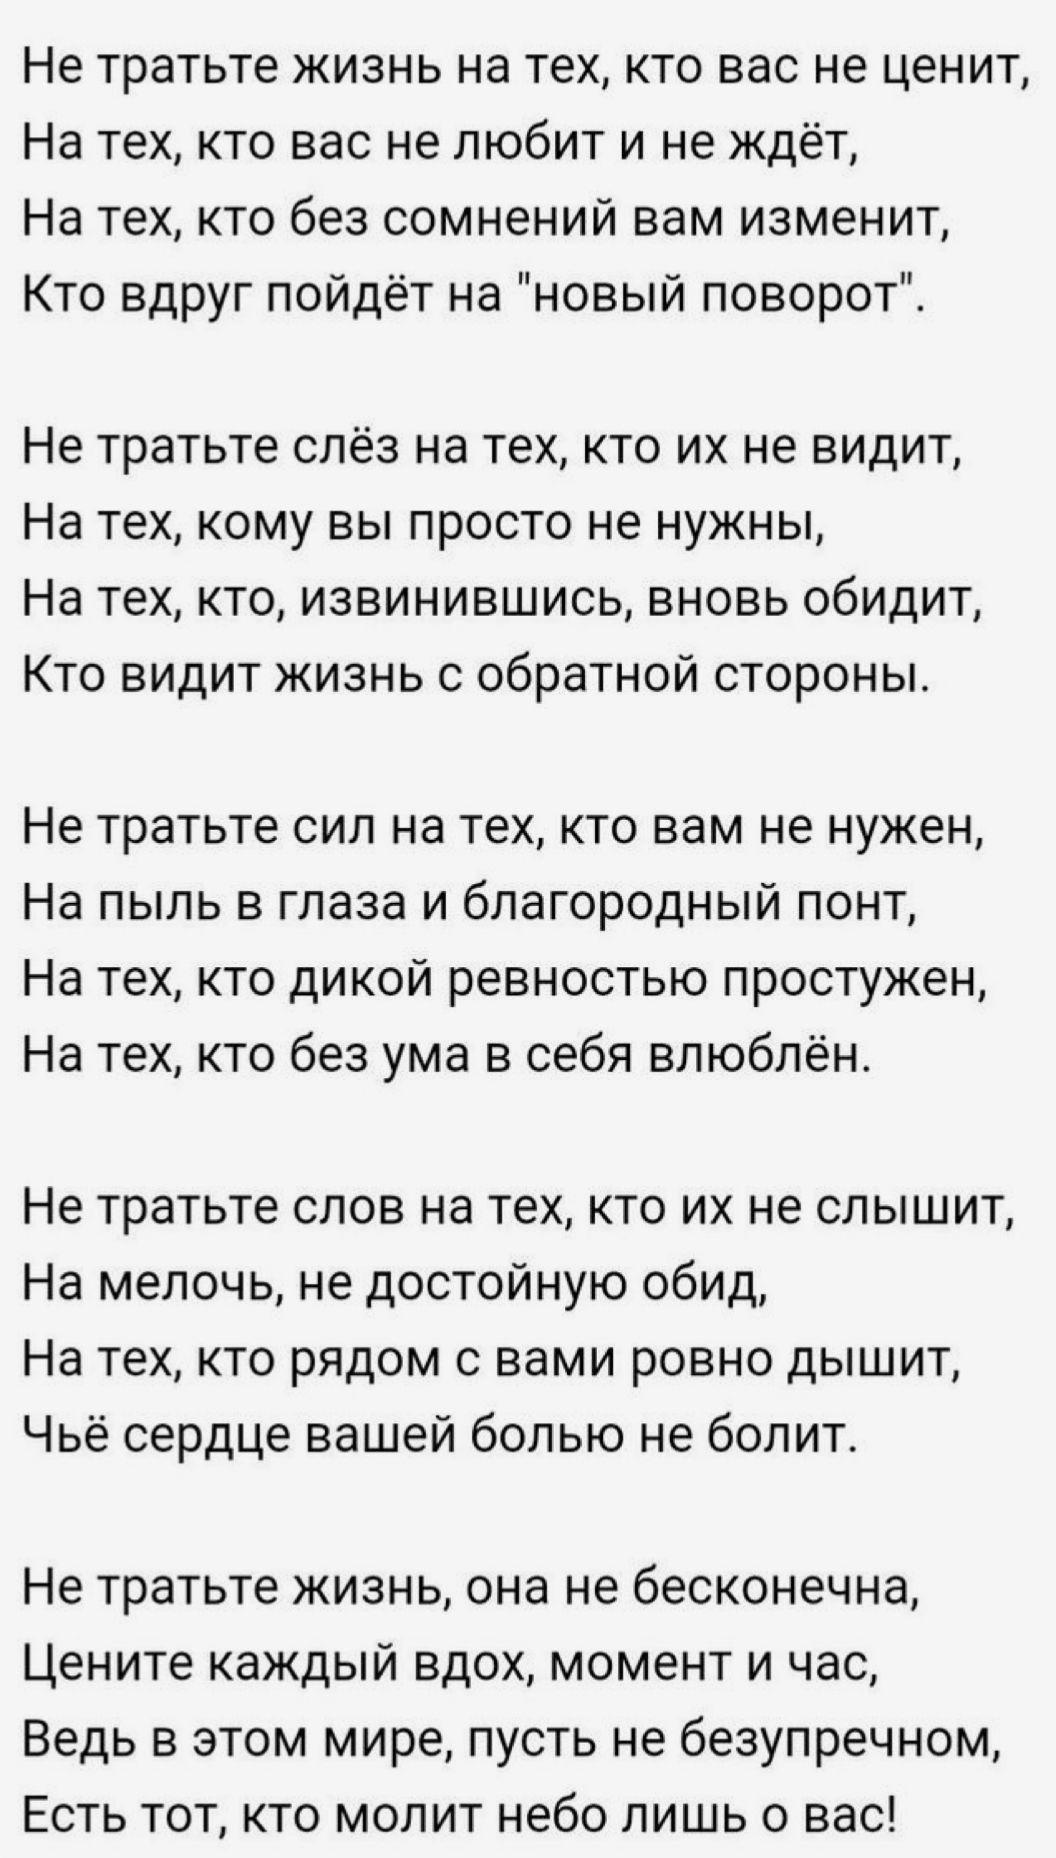 Pin By Novikova Ksenia On Stihi Poems Quotes Lyrics